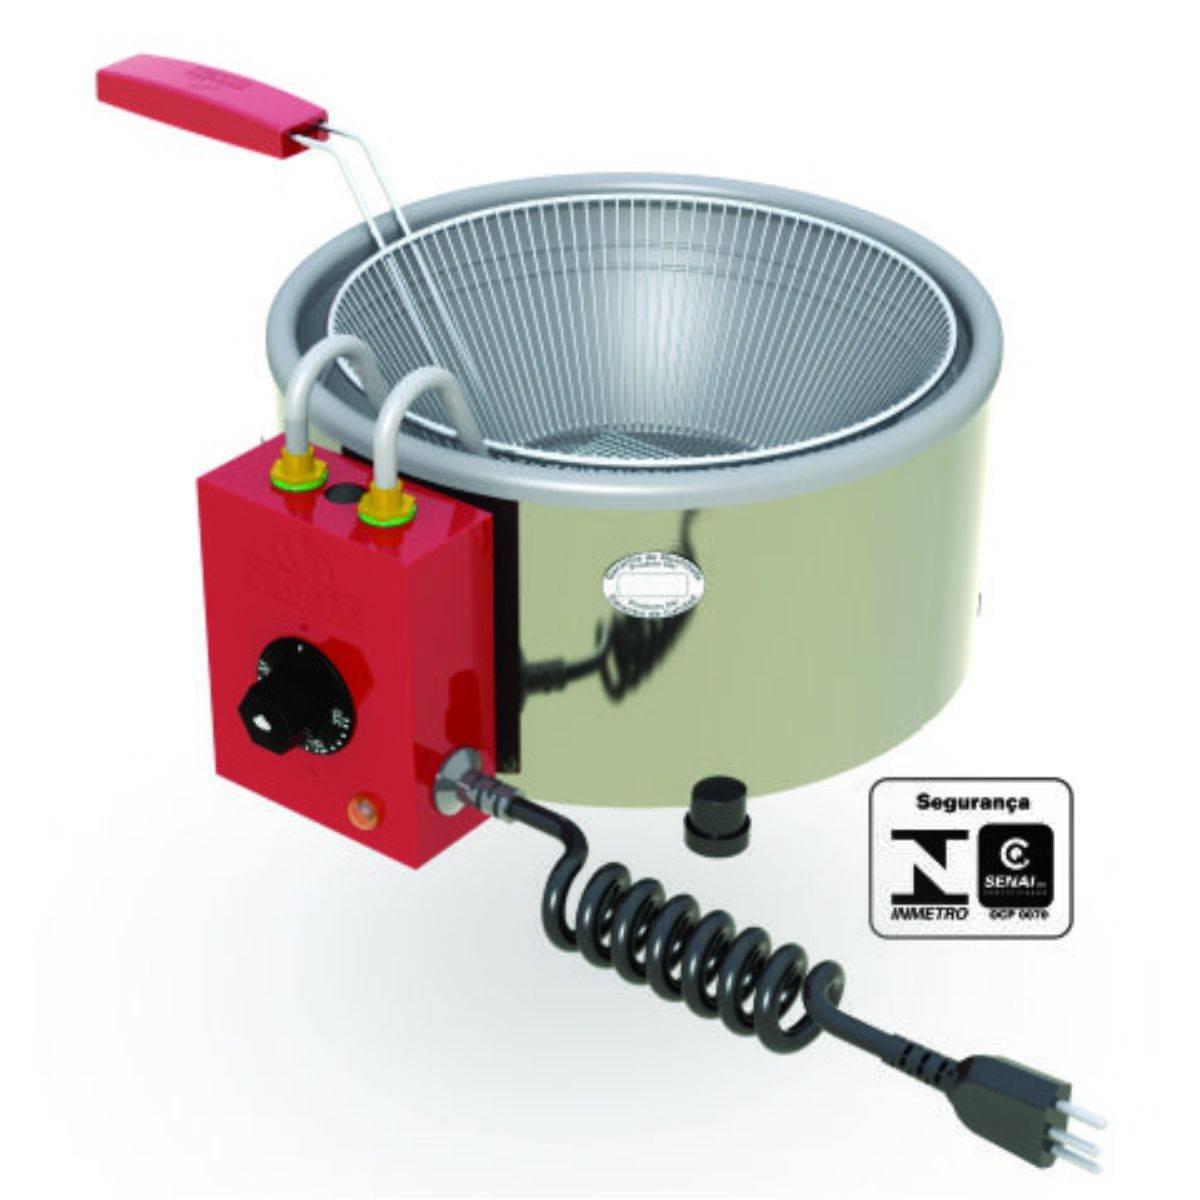 Tacho de Fritura Inox Elétrico 3 litros PR-310E Progás  - Magazine do Chef